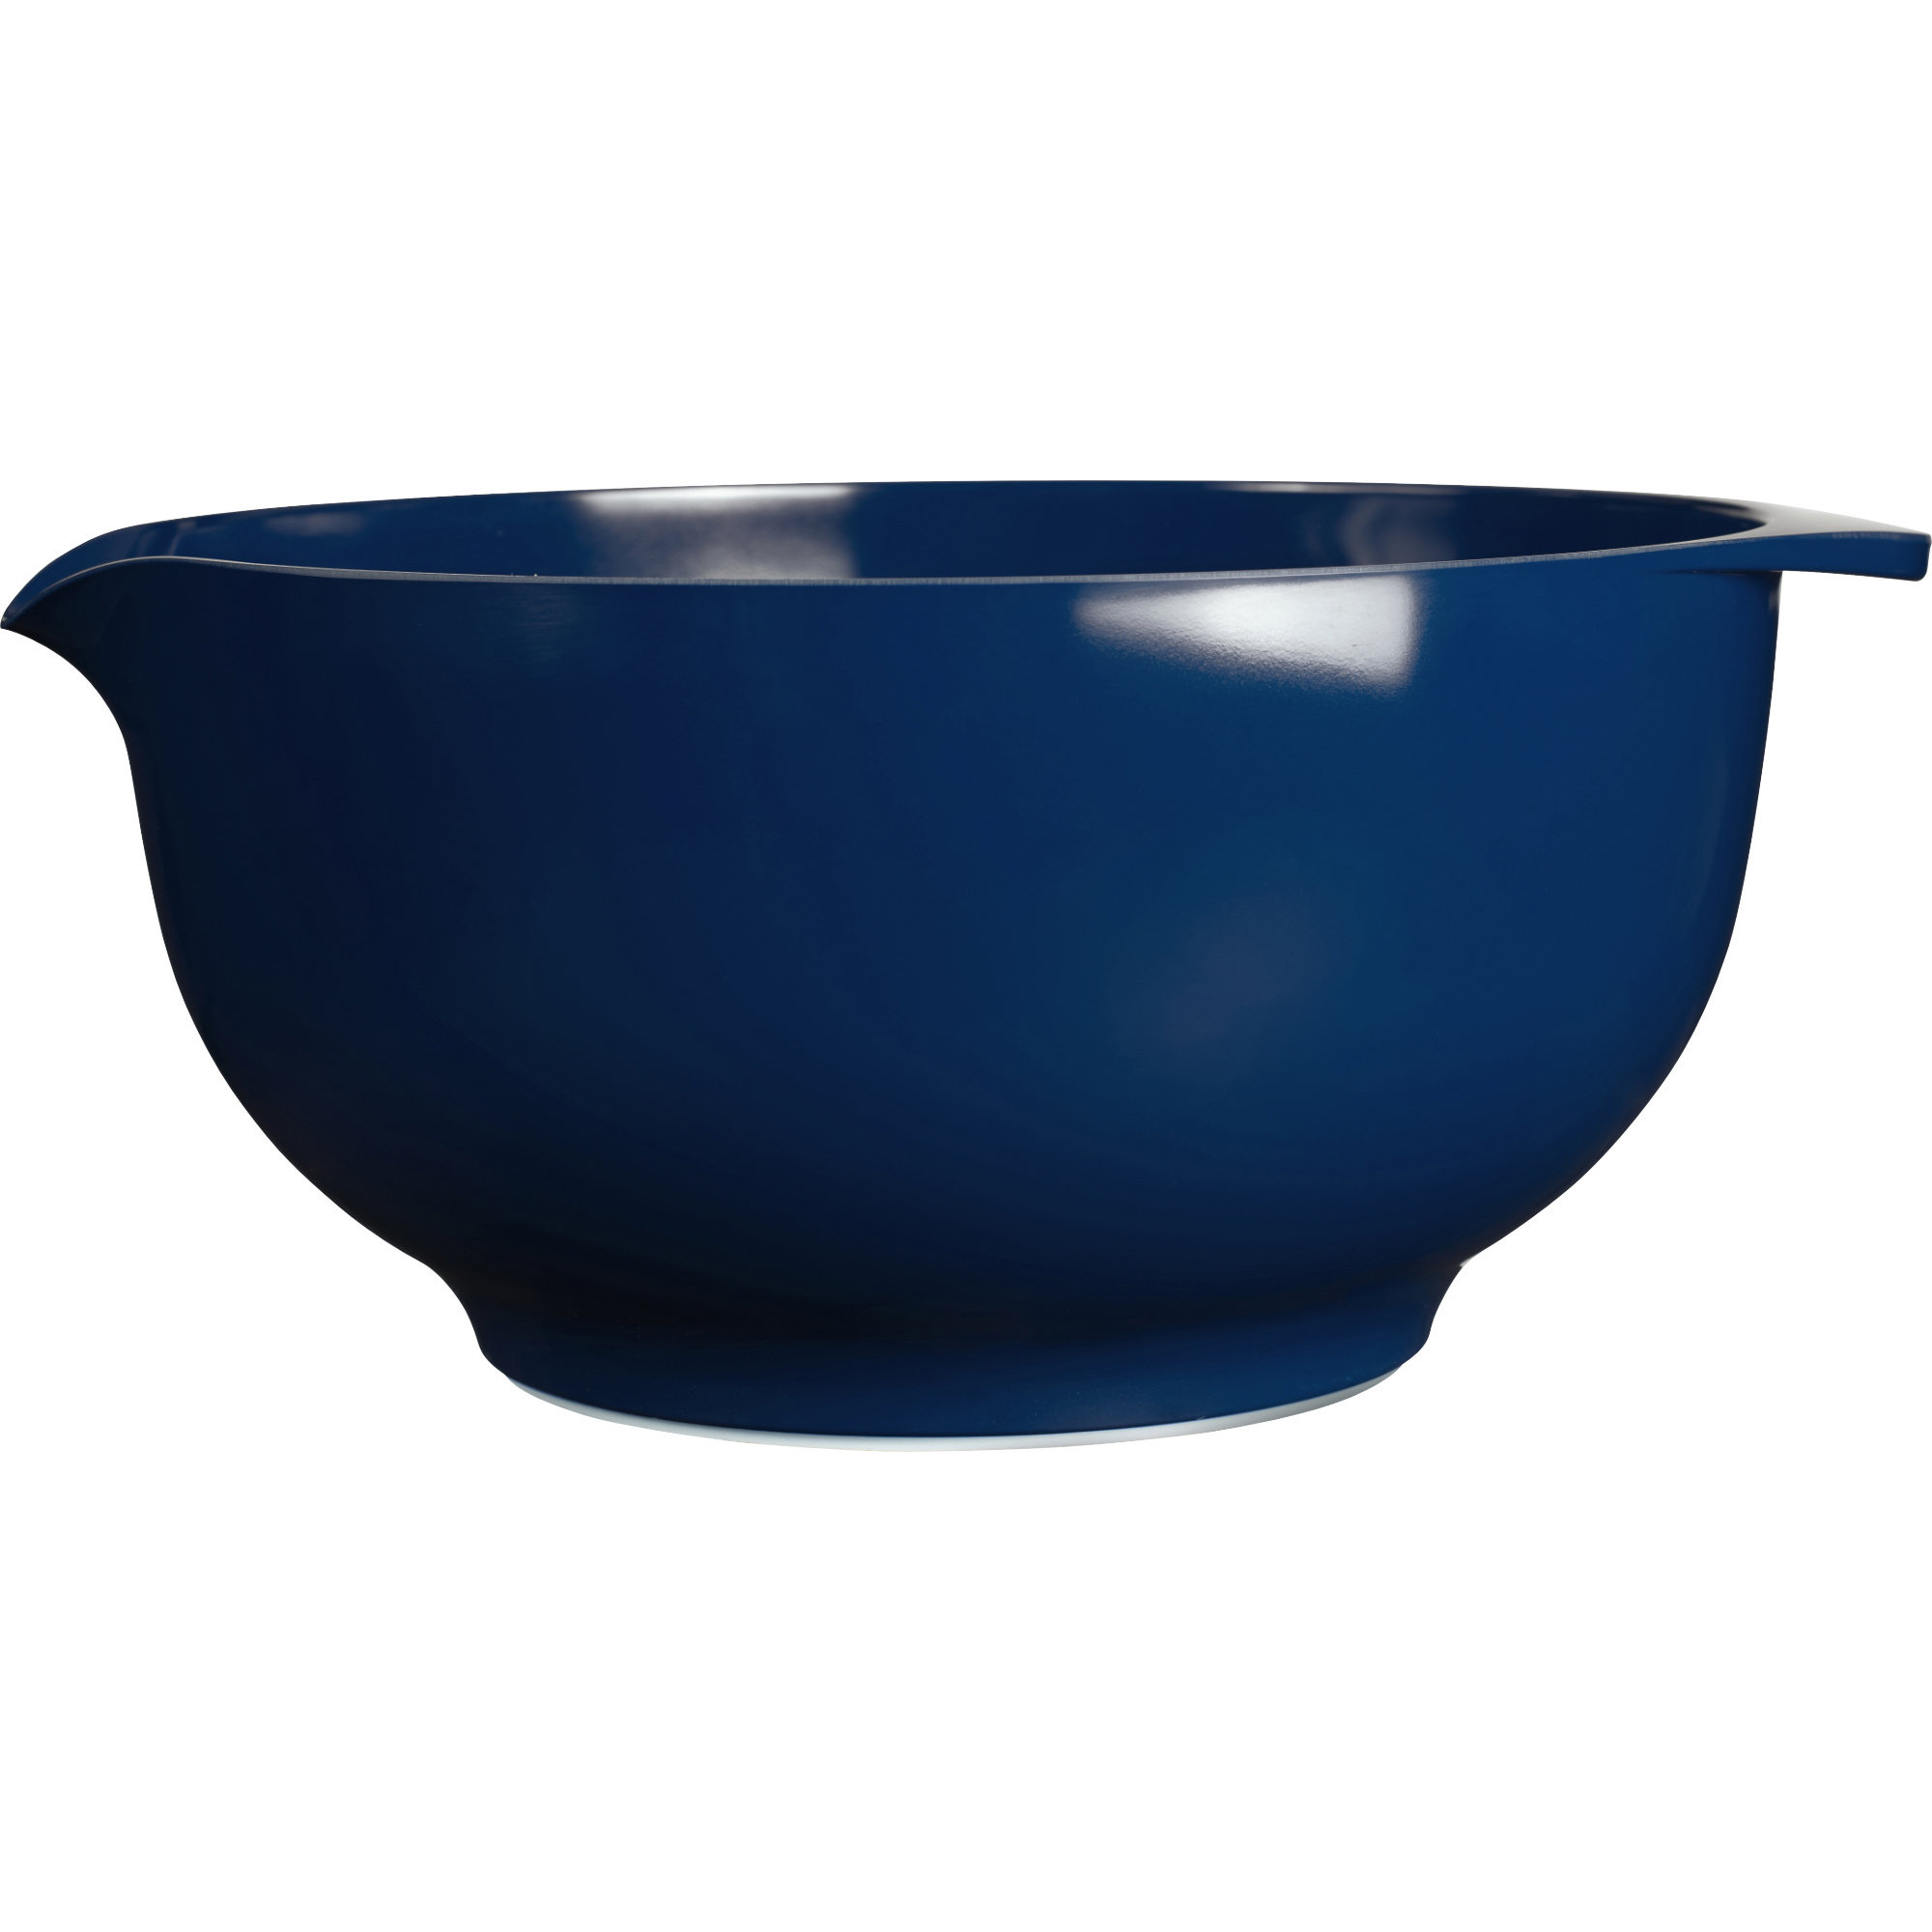 Rosti Mepal Margrethe Skål 5 L Indigo Blue